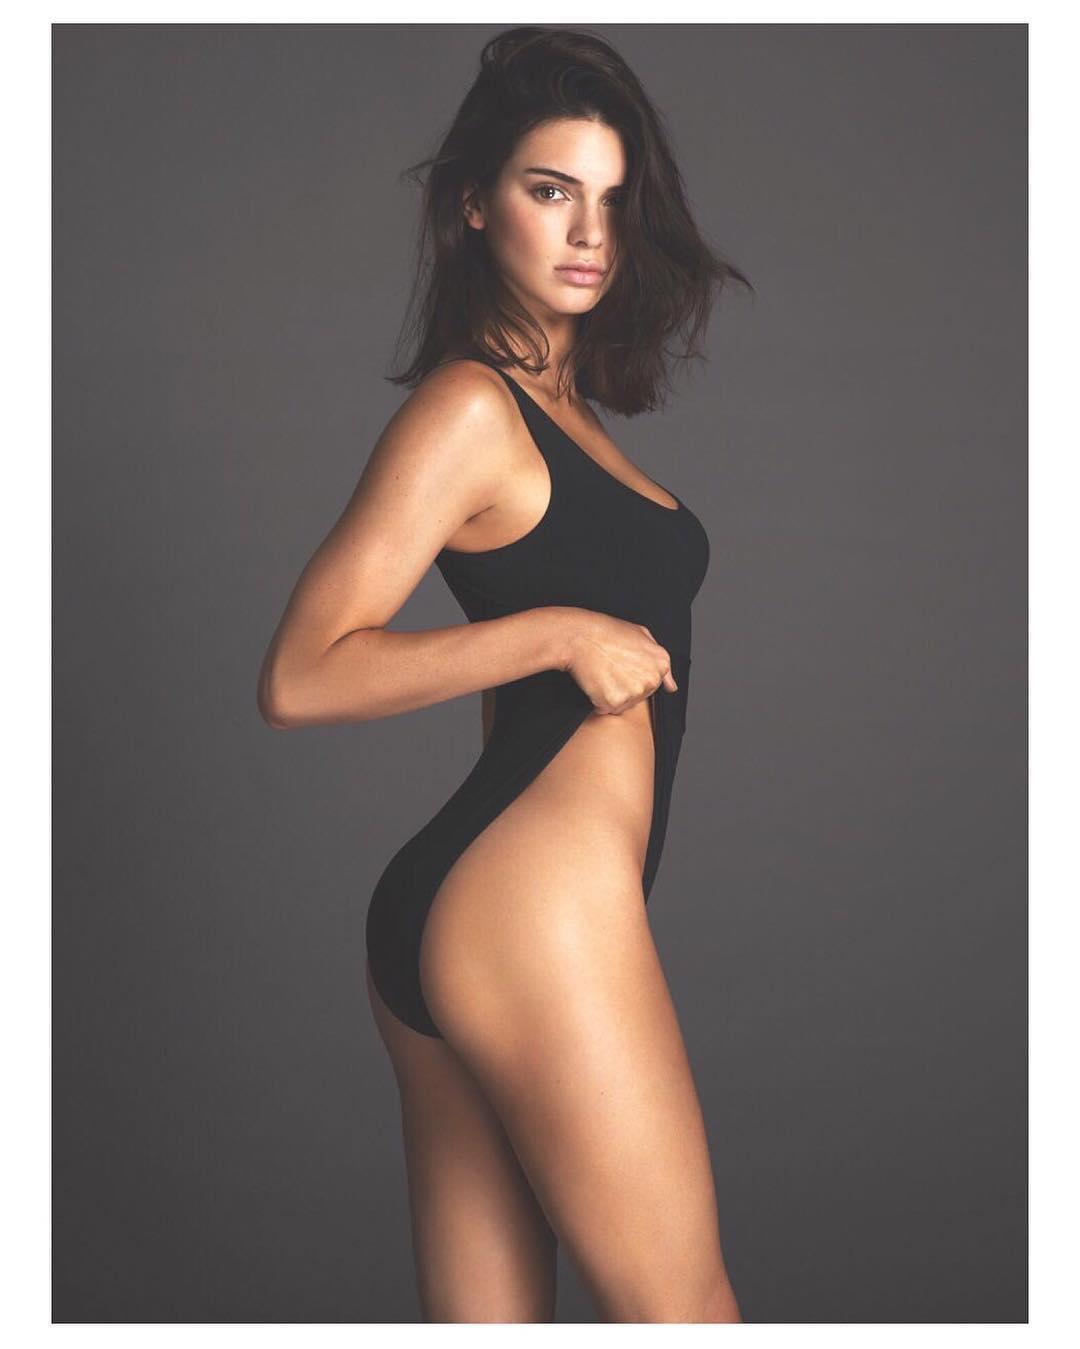 Kendall Jenner - Sexiest Women